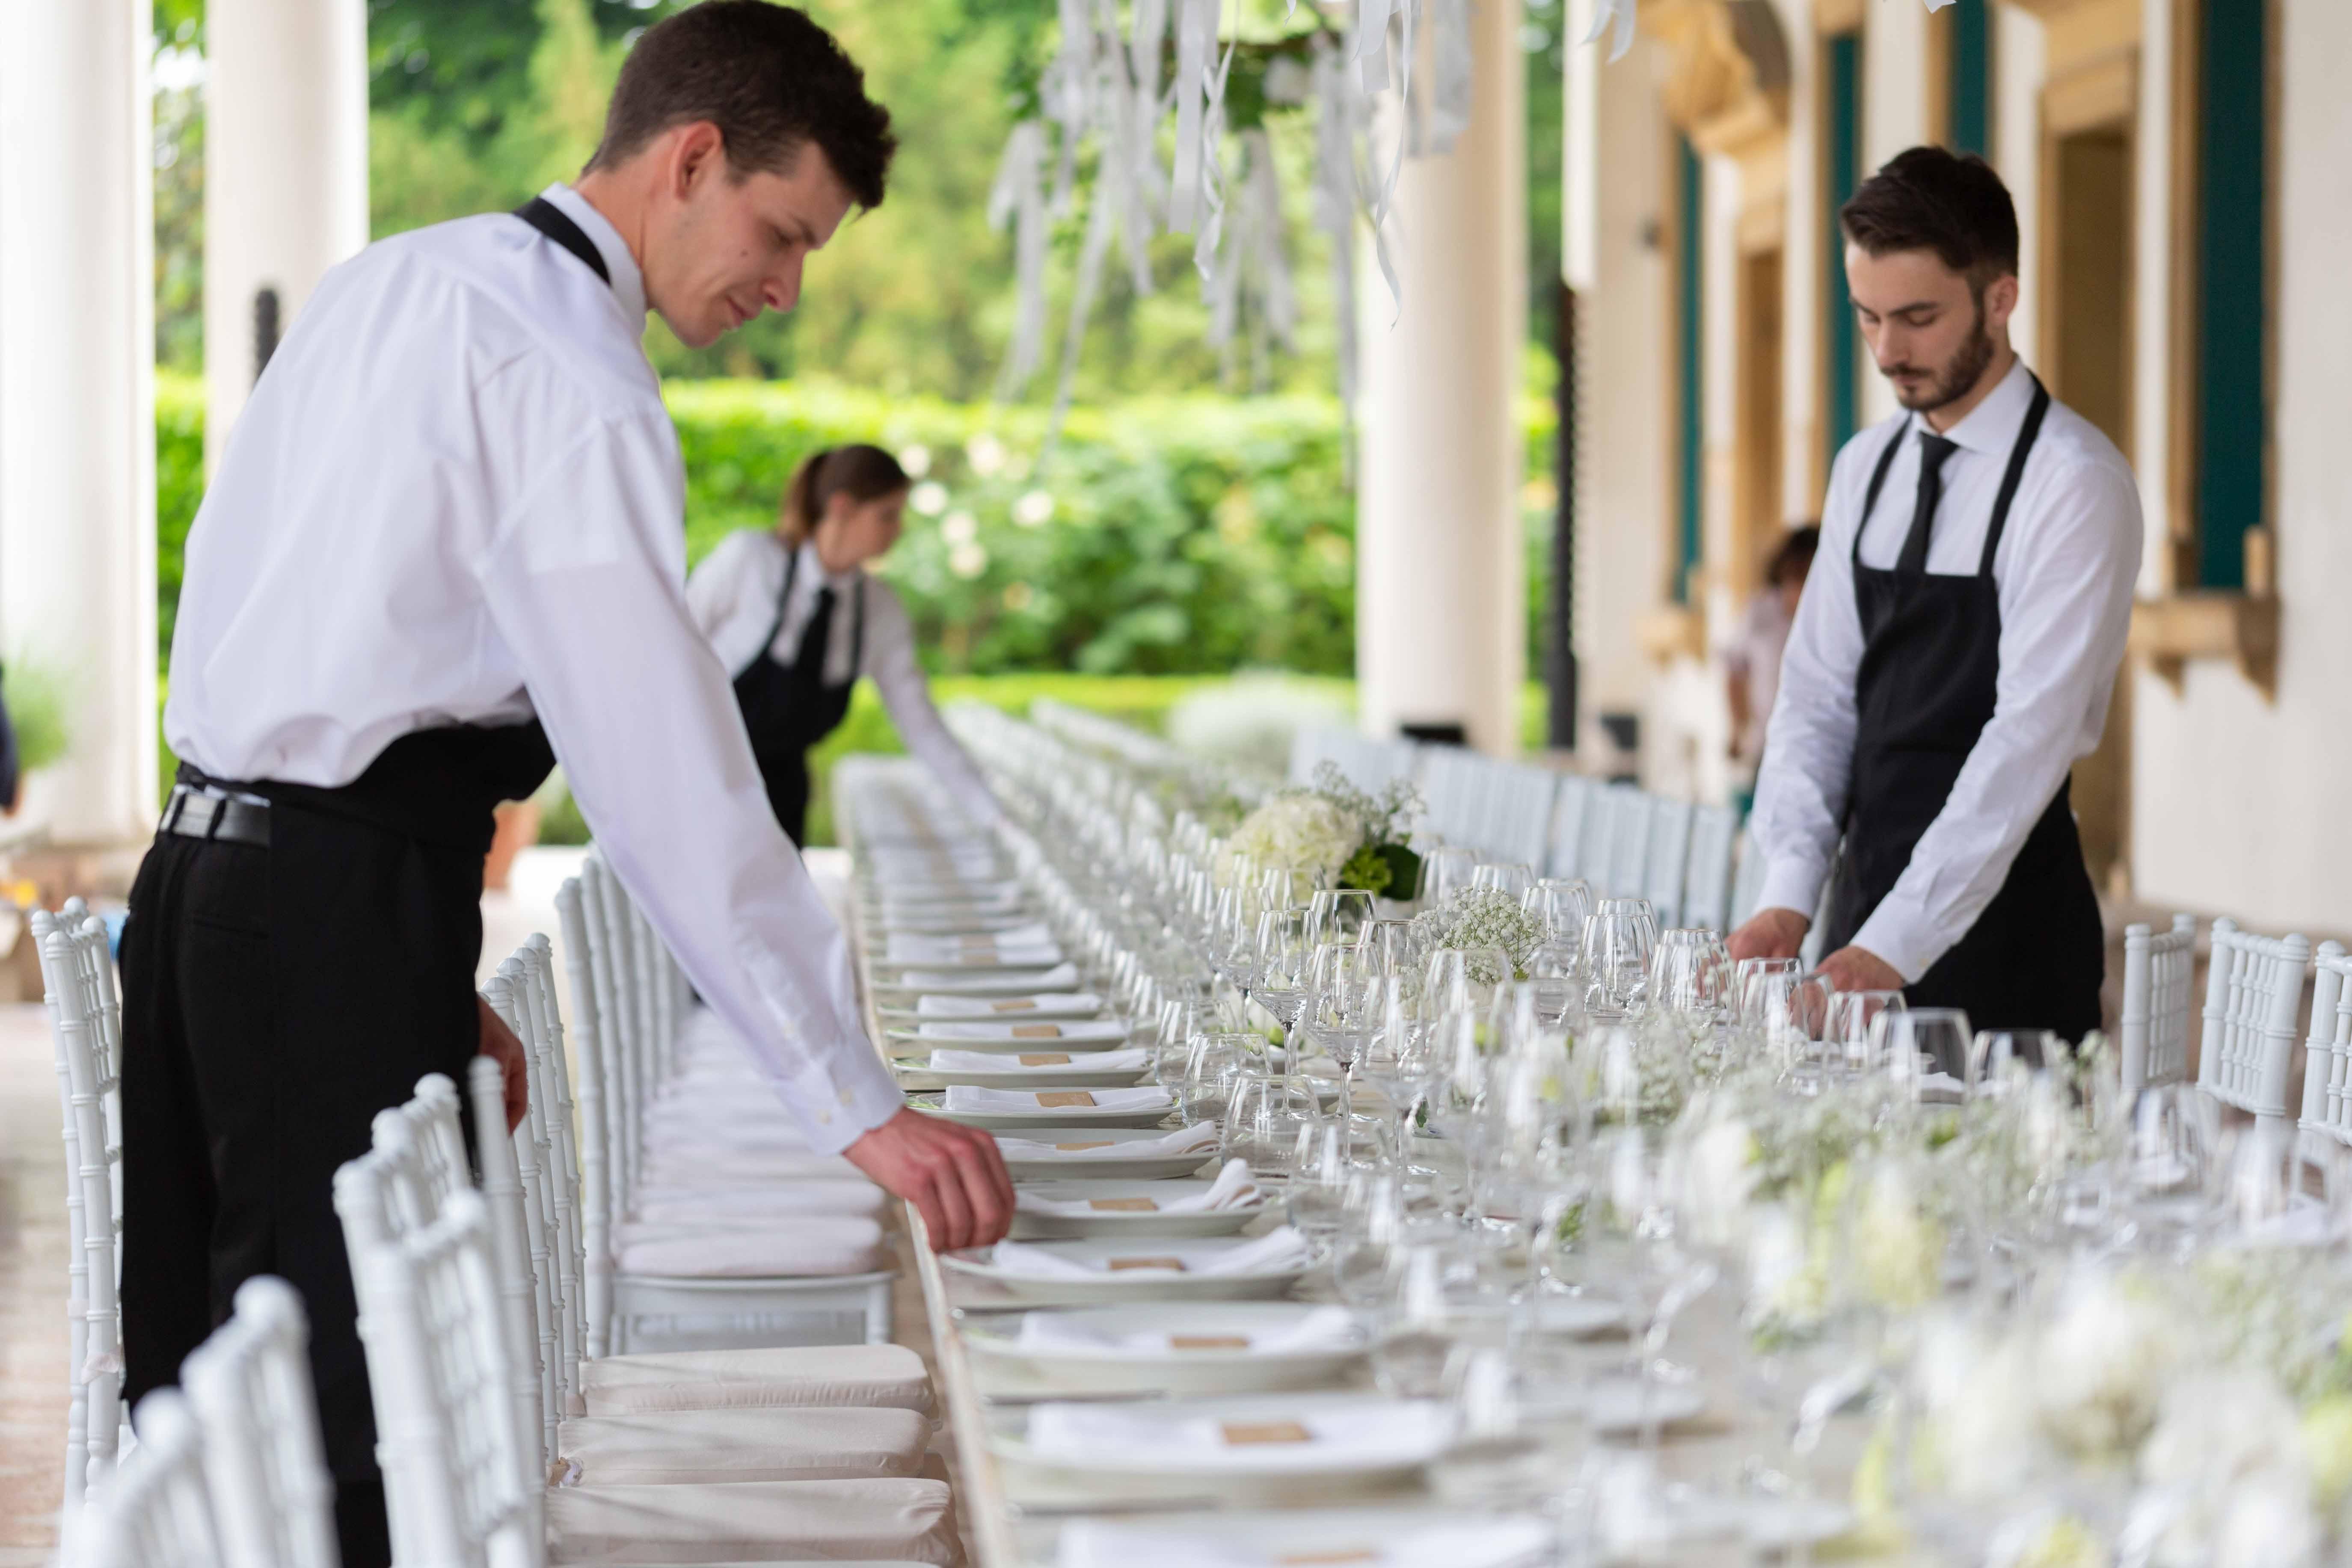 Servizi Maglietta con Logo chefyouwant ad un evento